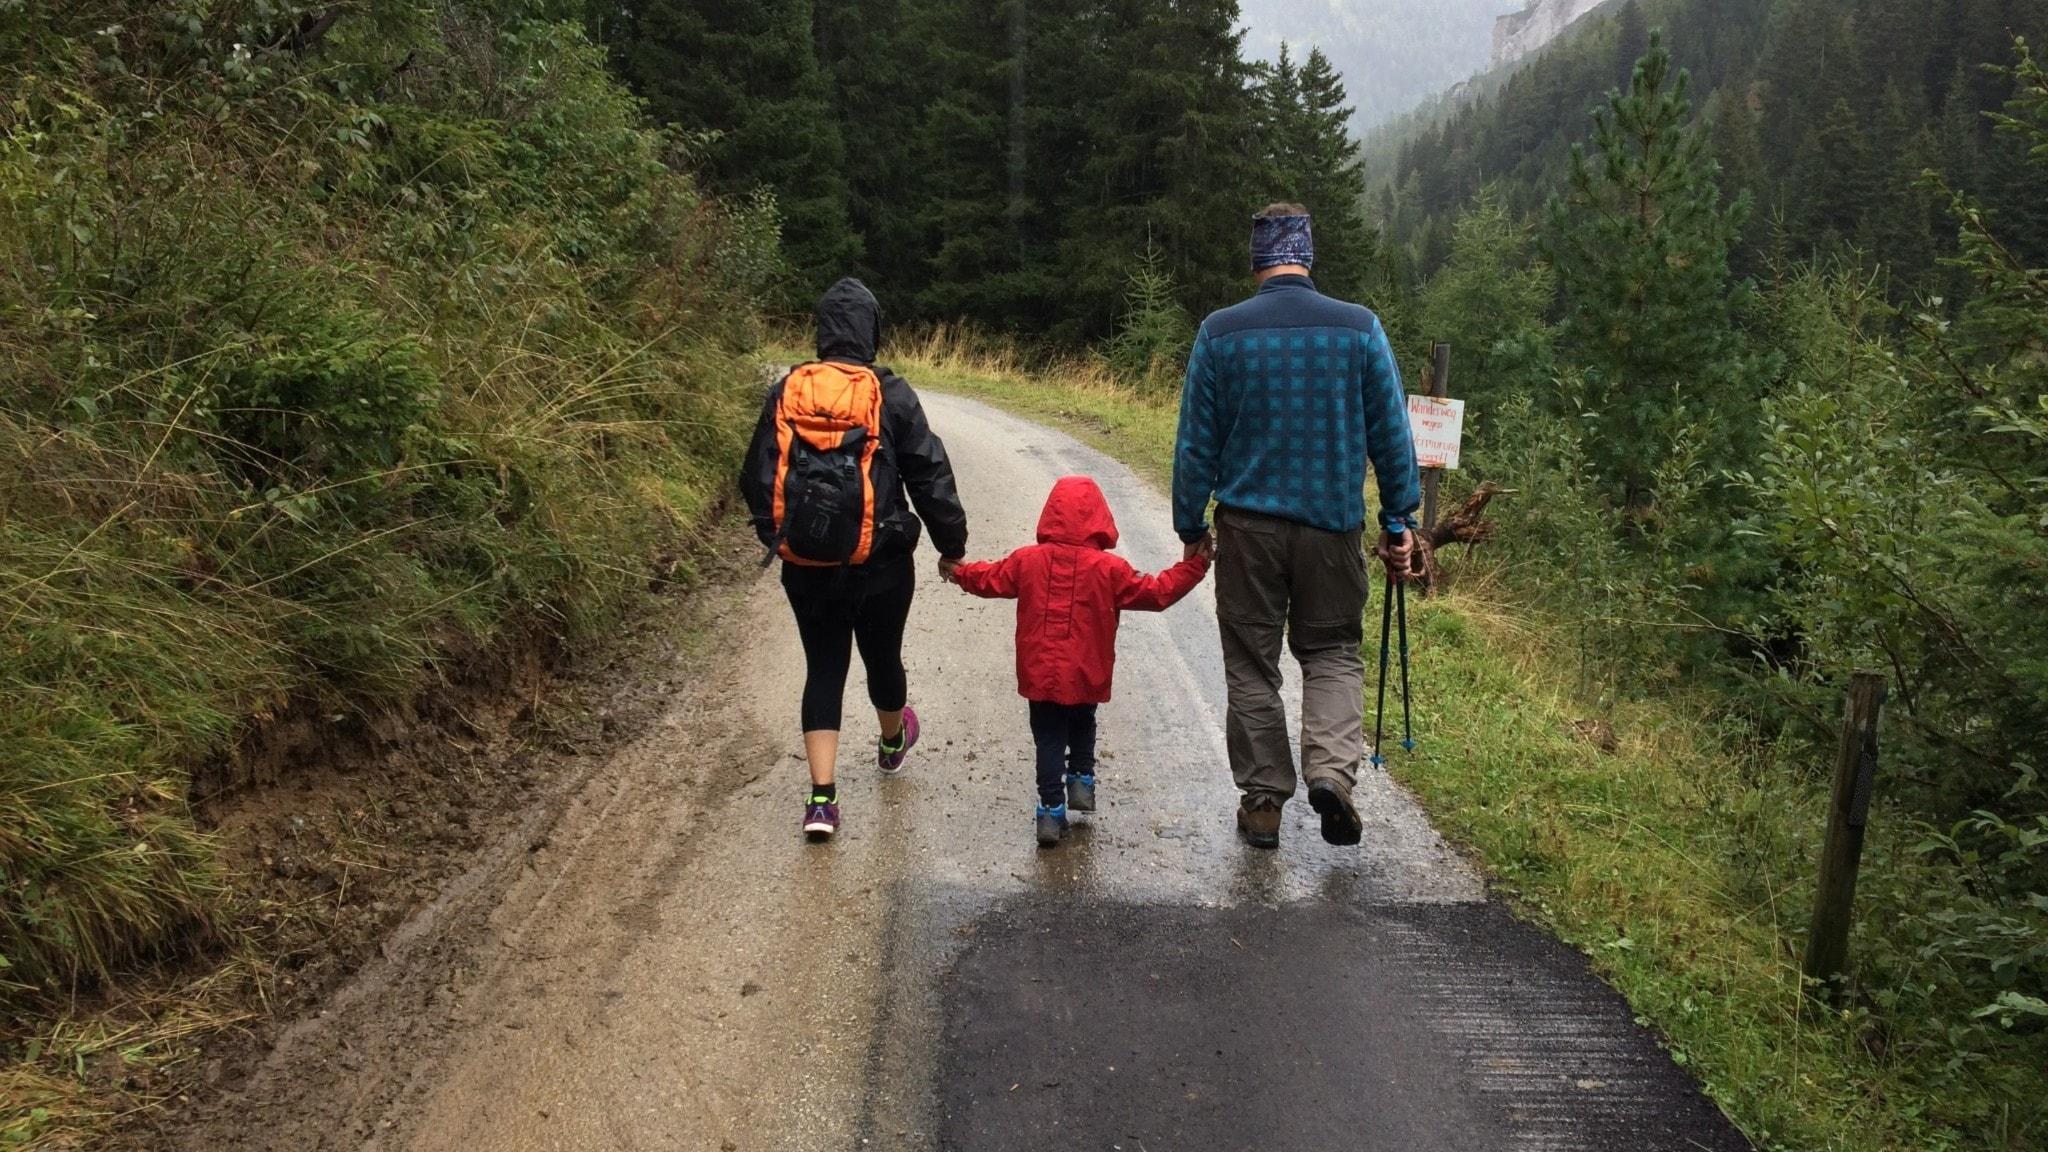 Familj på promenad längs en skogsväg.